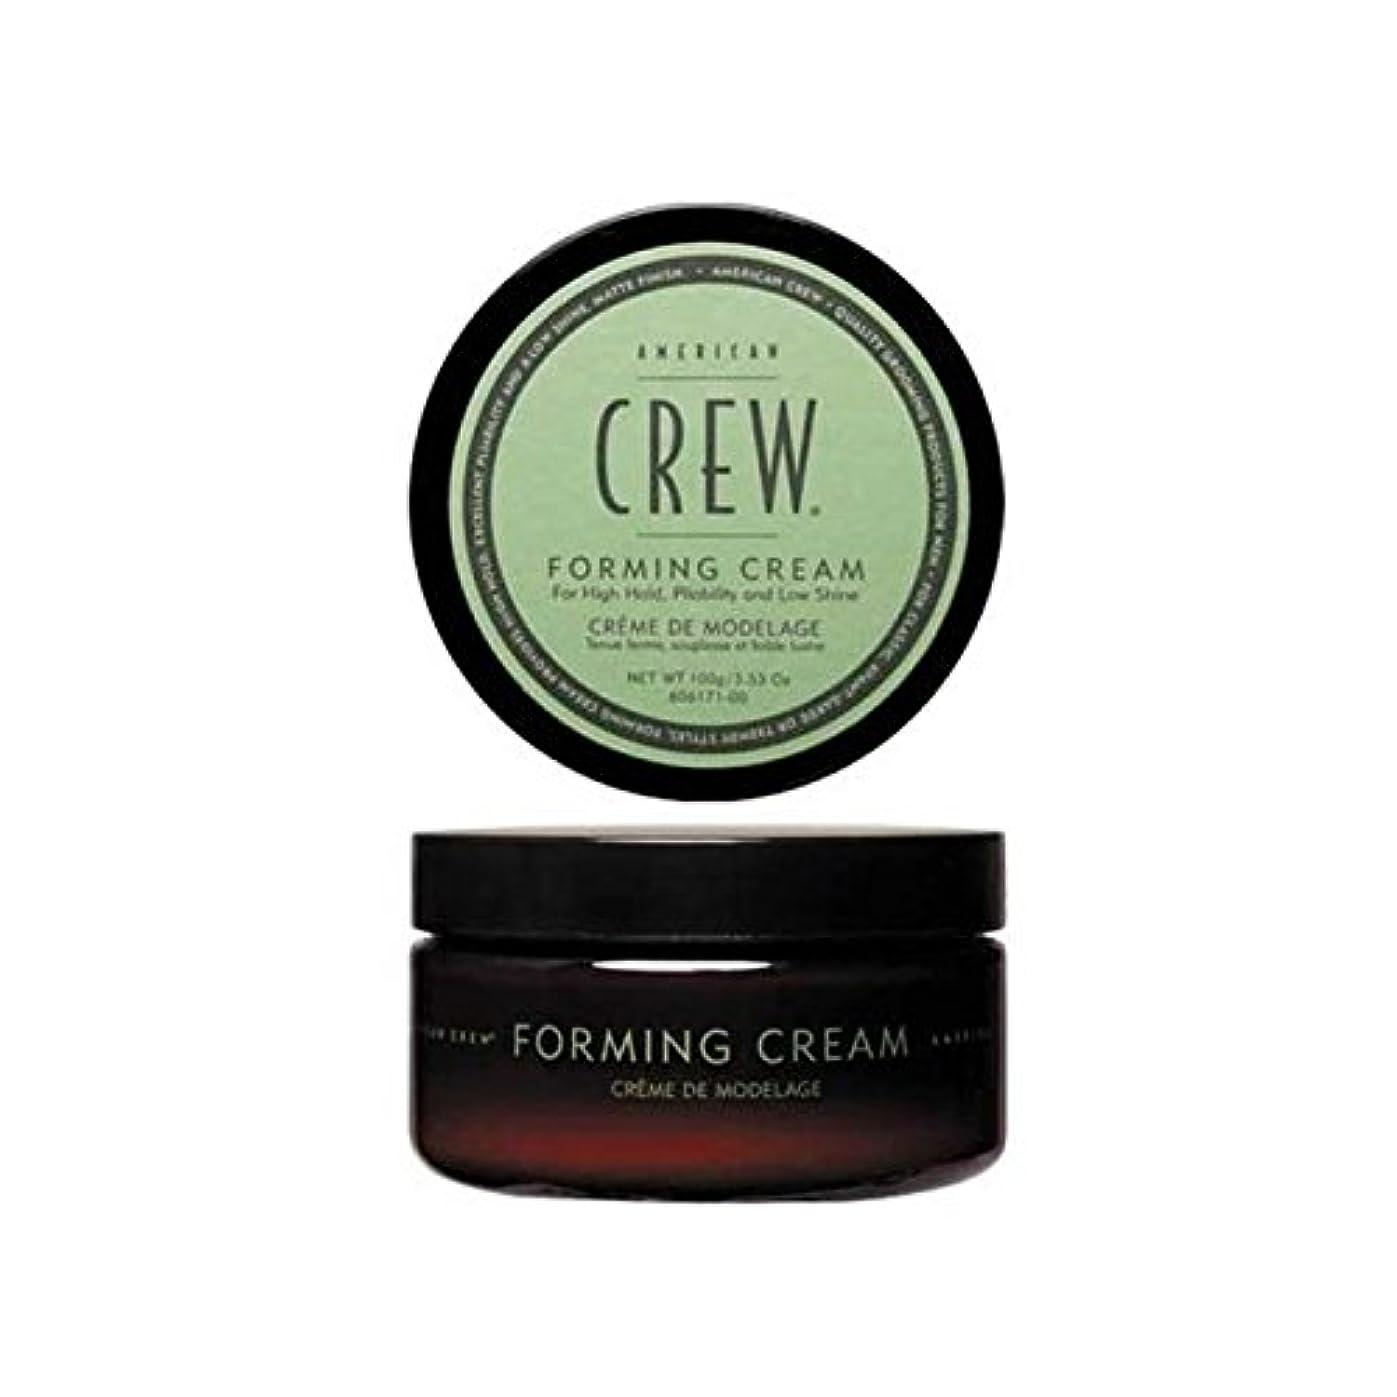 腕印象的な未接続アメリカの乗組員形成クリーム(85グラム) x2 - American Crew Forming Cream (85G) (Pack of 2) [並行輸入品]